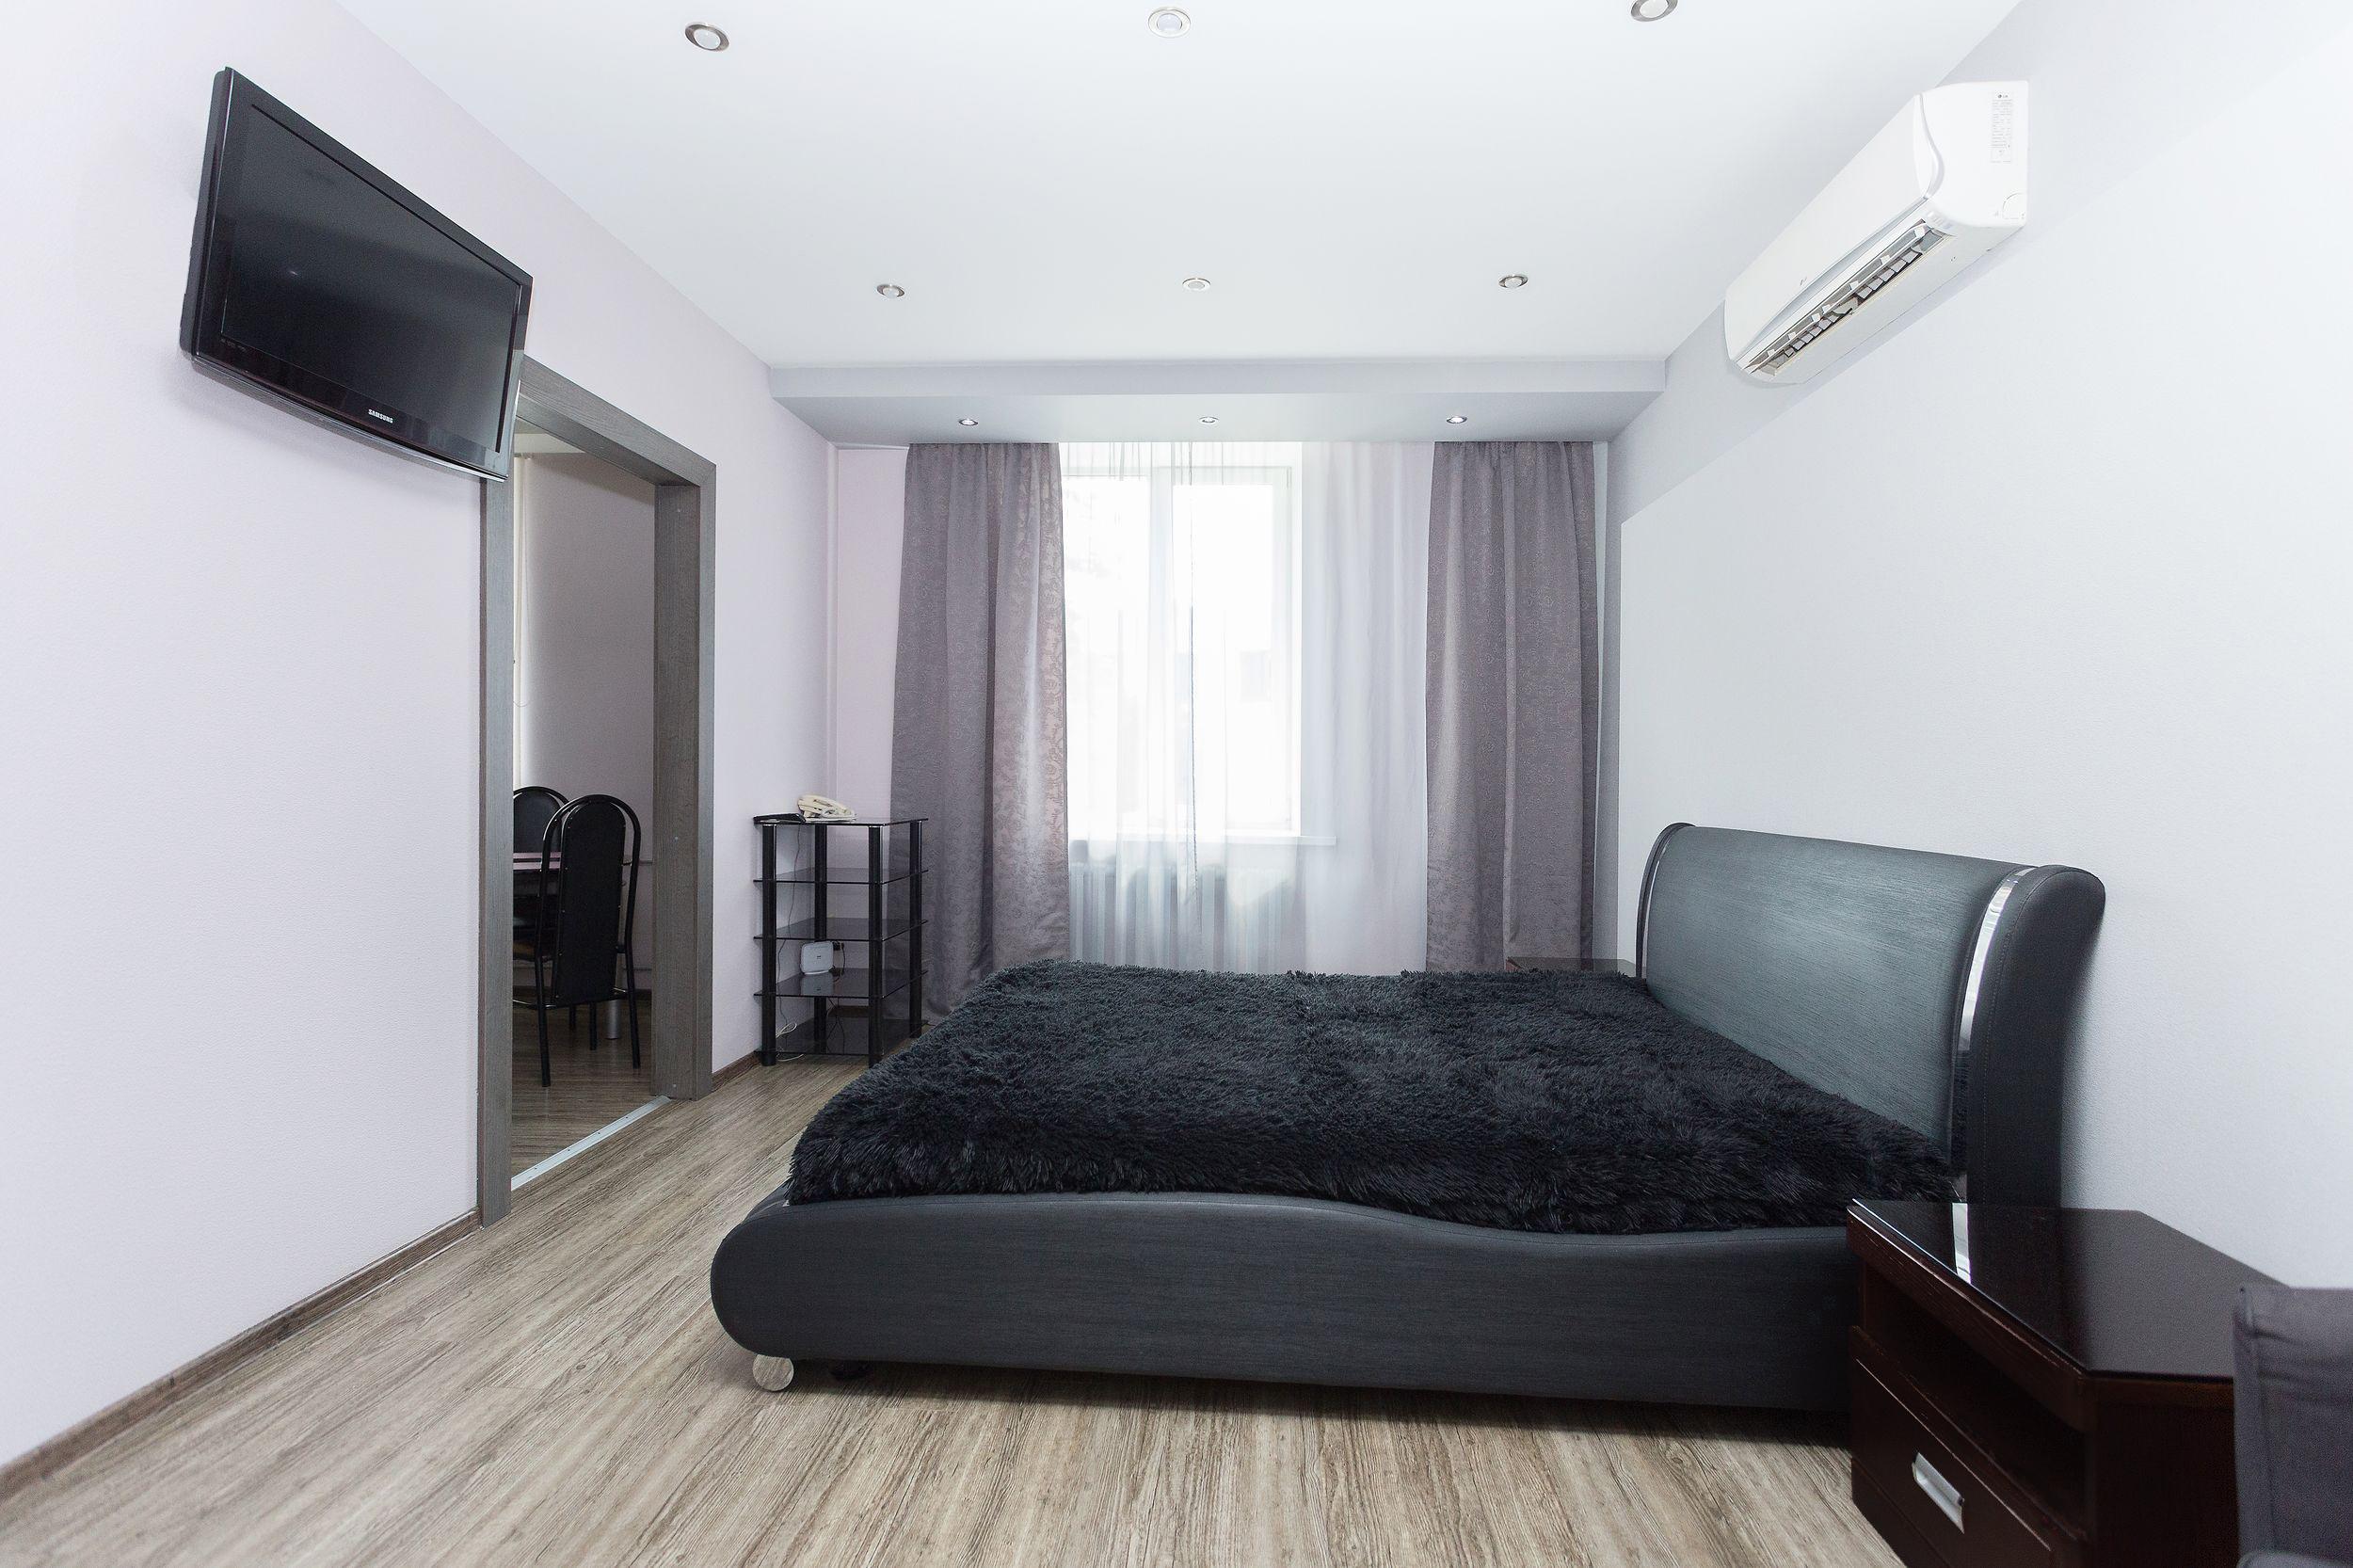 Квартира в кирове на сутки с фото звезды, которая